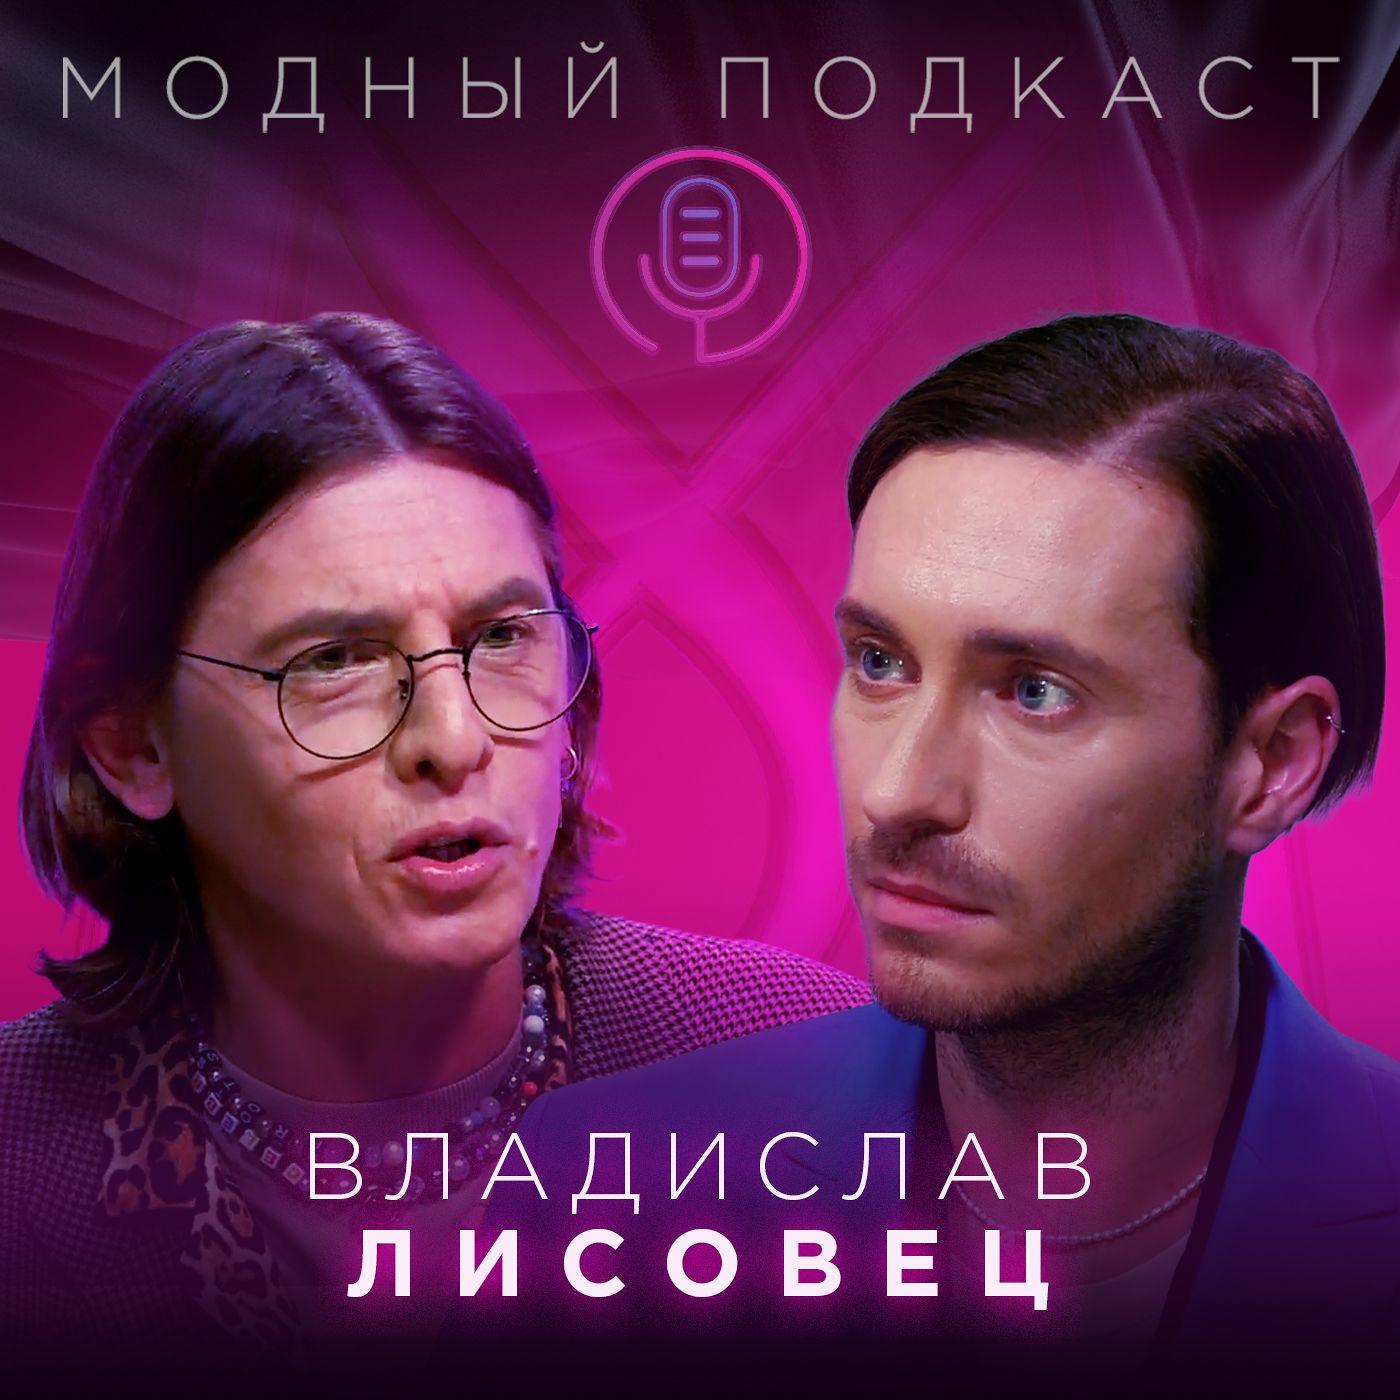 Владислав Лисовец. О внутренней свободе, молодости и Билли Айлиш